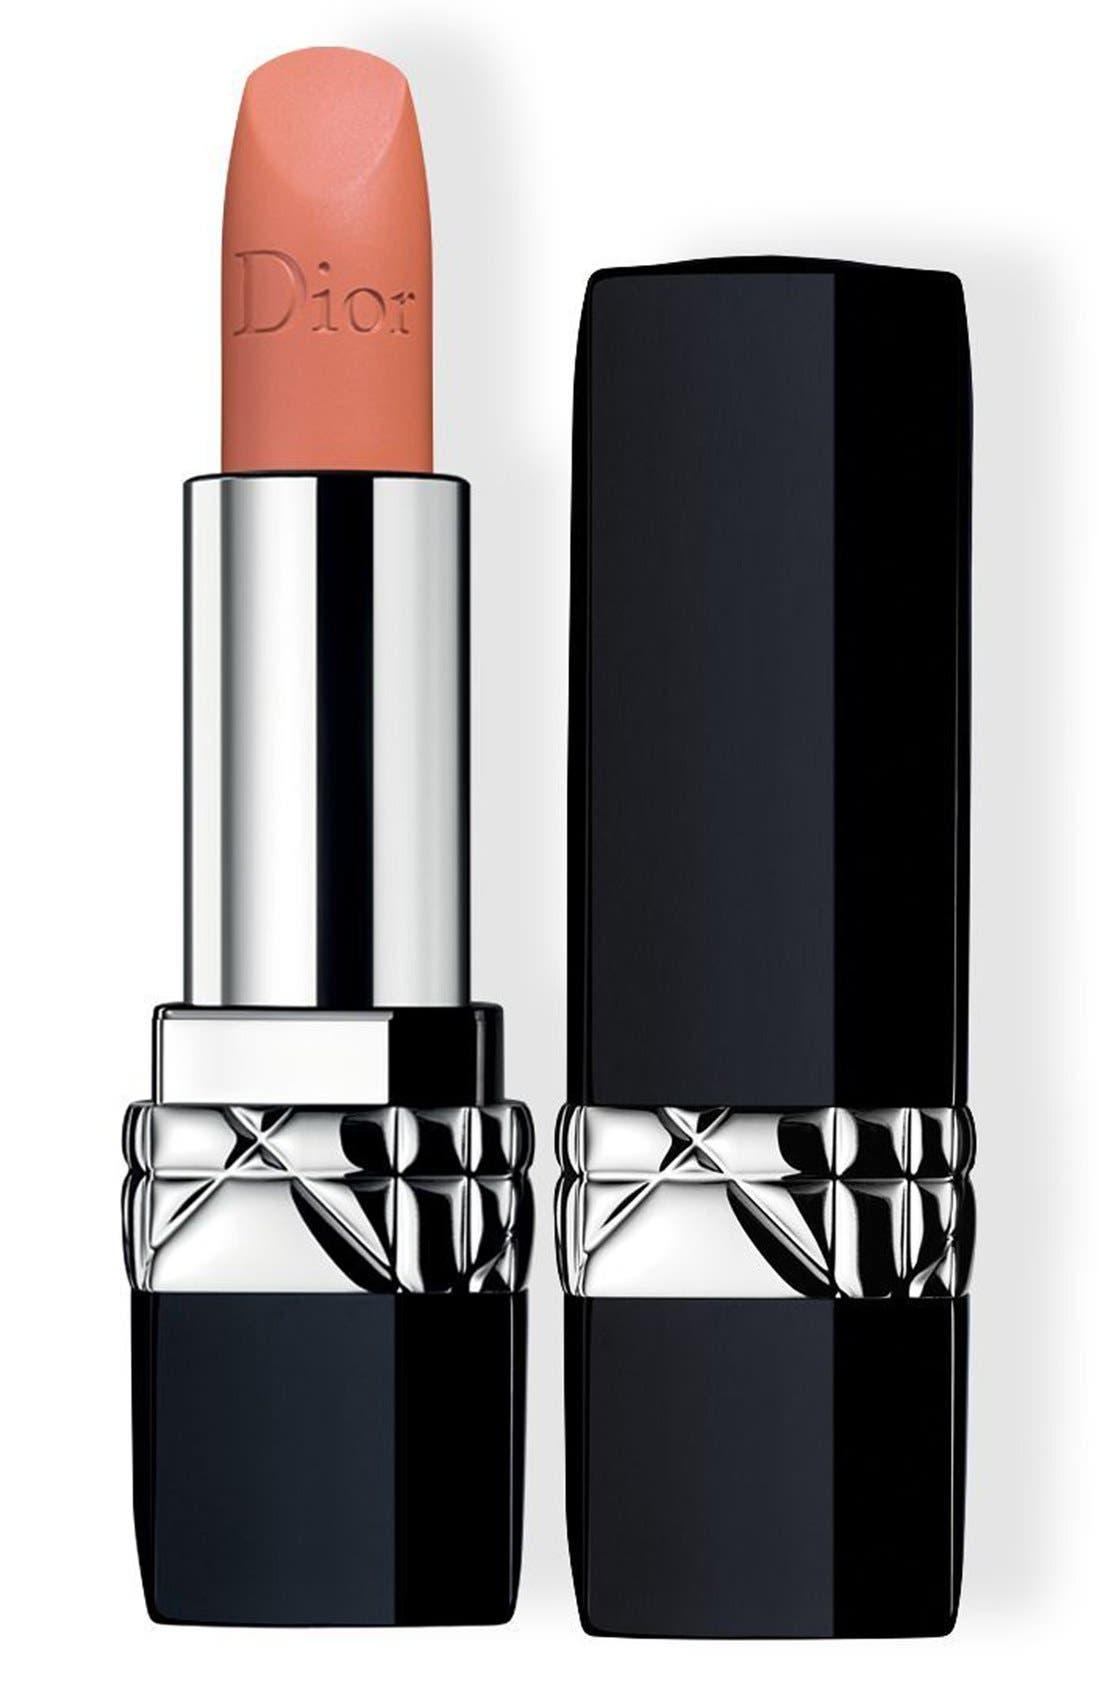 Dior Couture Color Rouge Dior Lipstick - 136 Delicate Matte